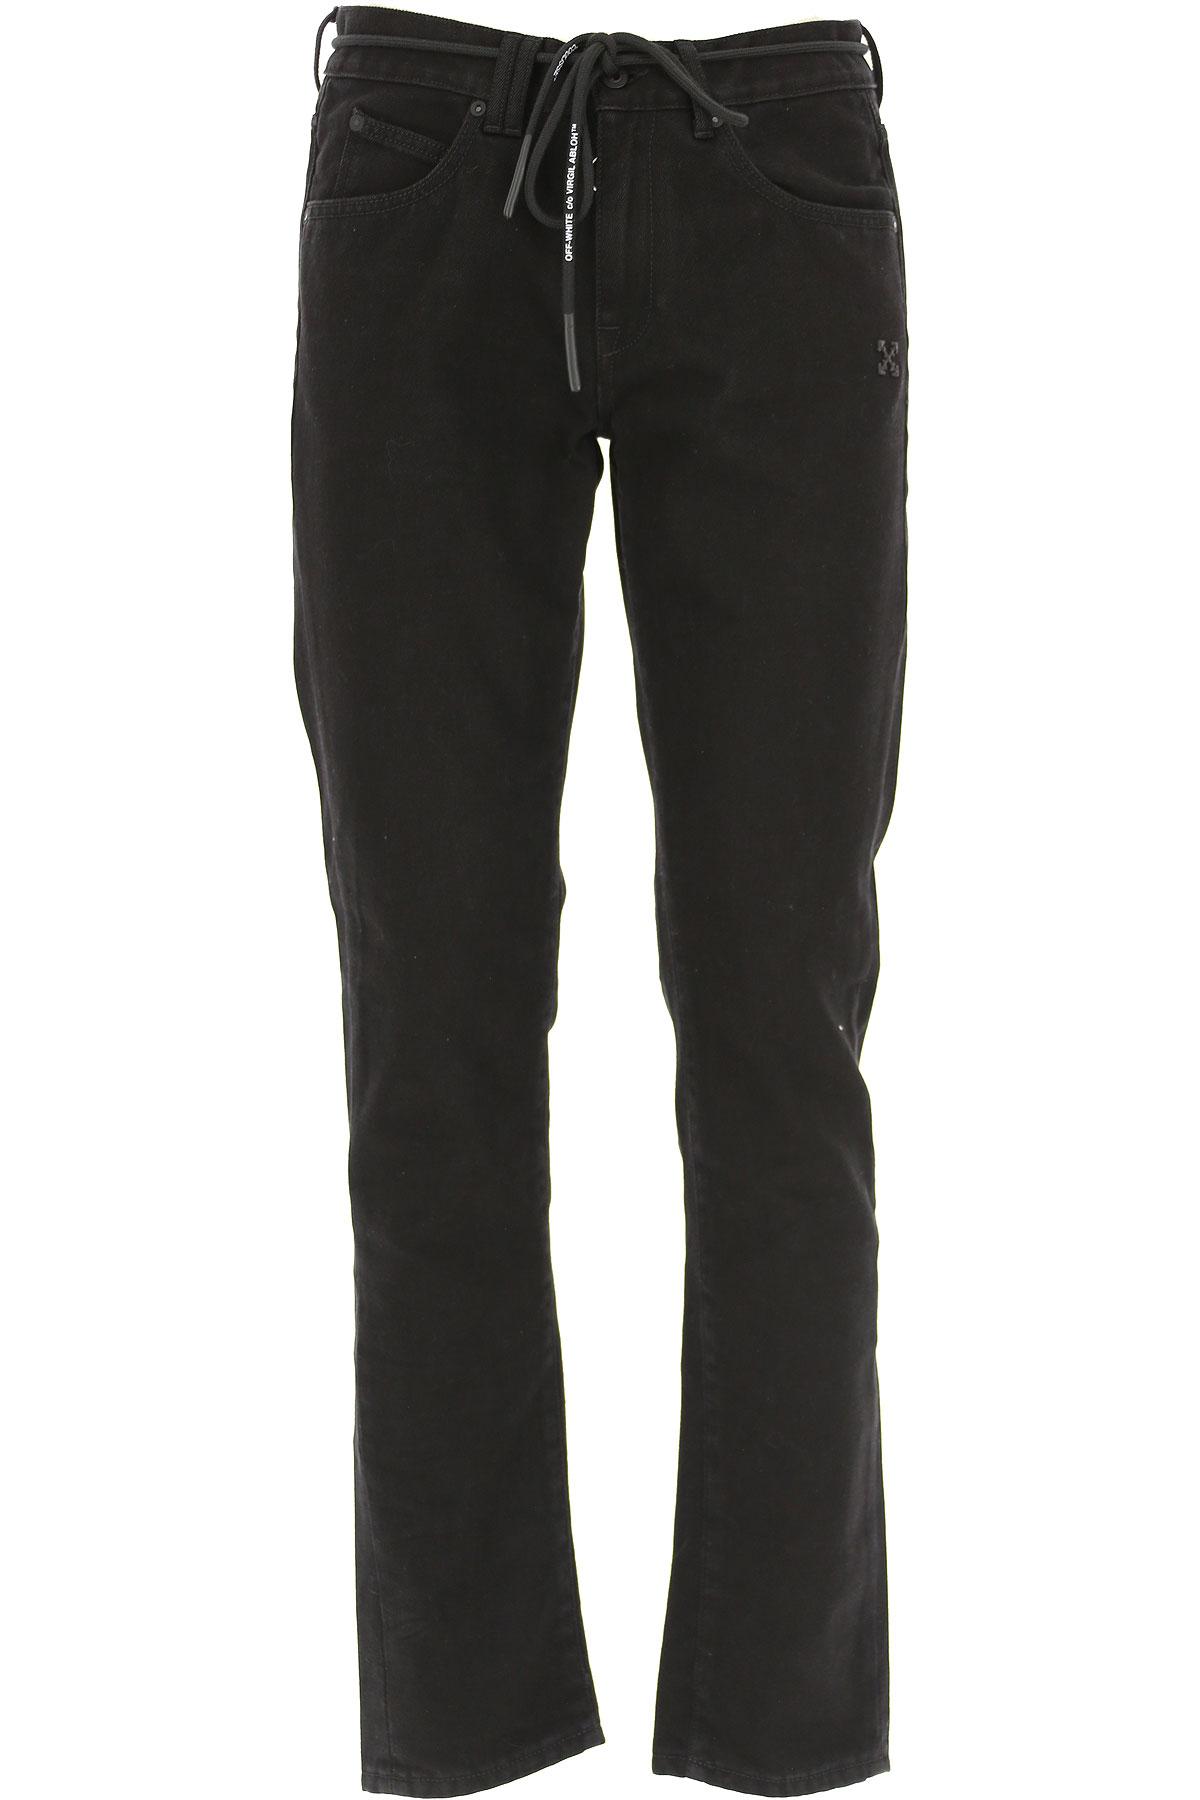 Off-White Virgil Abloh Jeans On Sale, Black, Cotton, 2019, 29 30 31 32 33 34